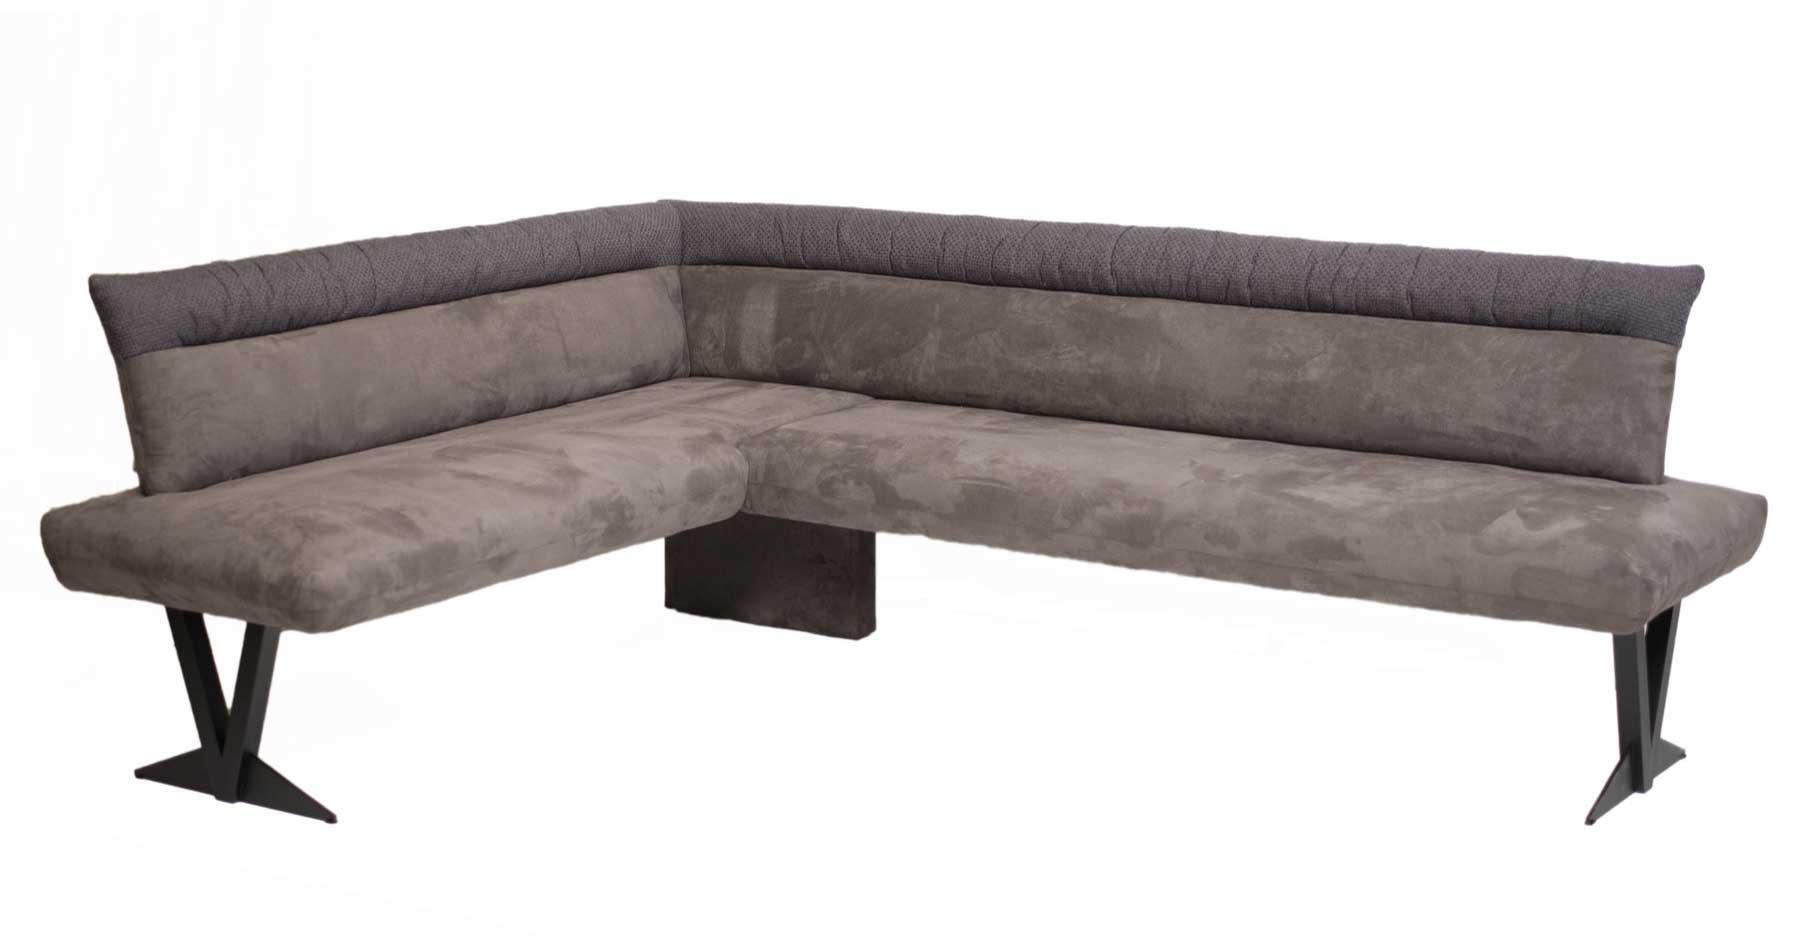 Standard Furniture Grenoble moderne Eckbank mit Metallgestell schwarz